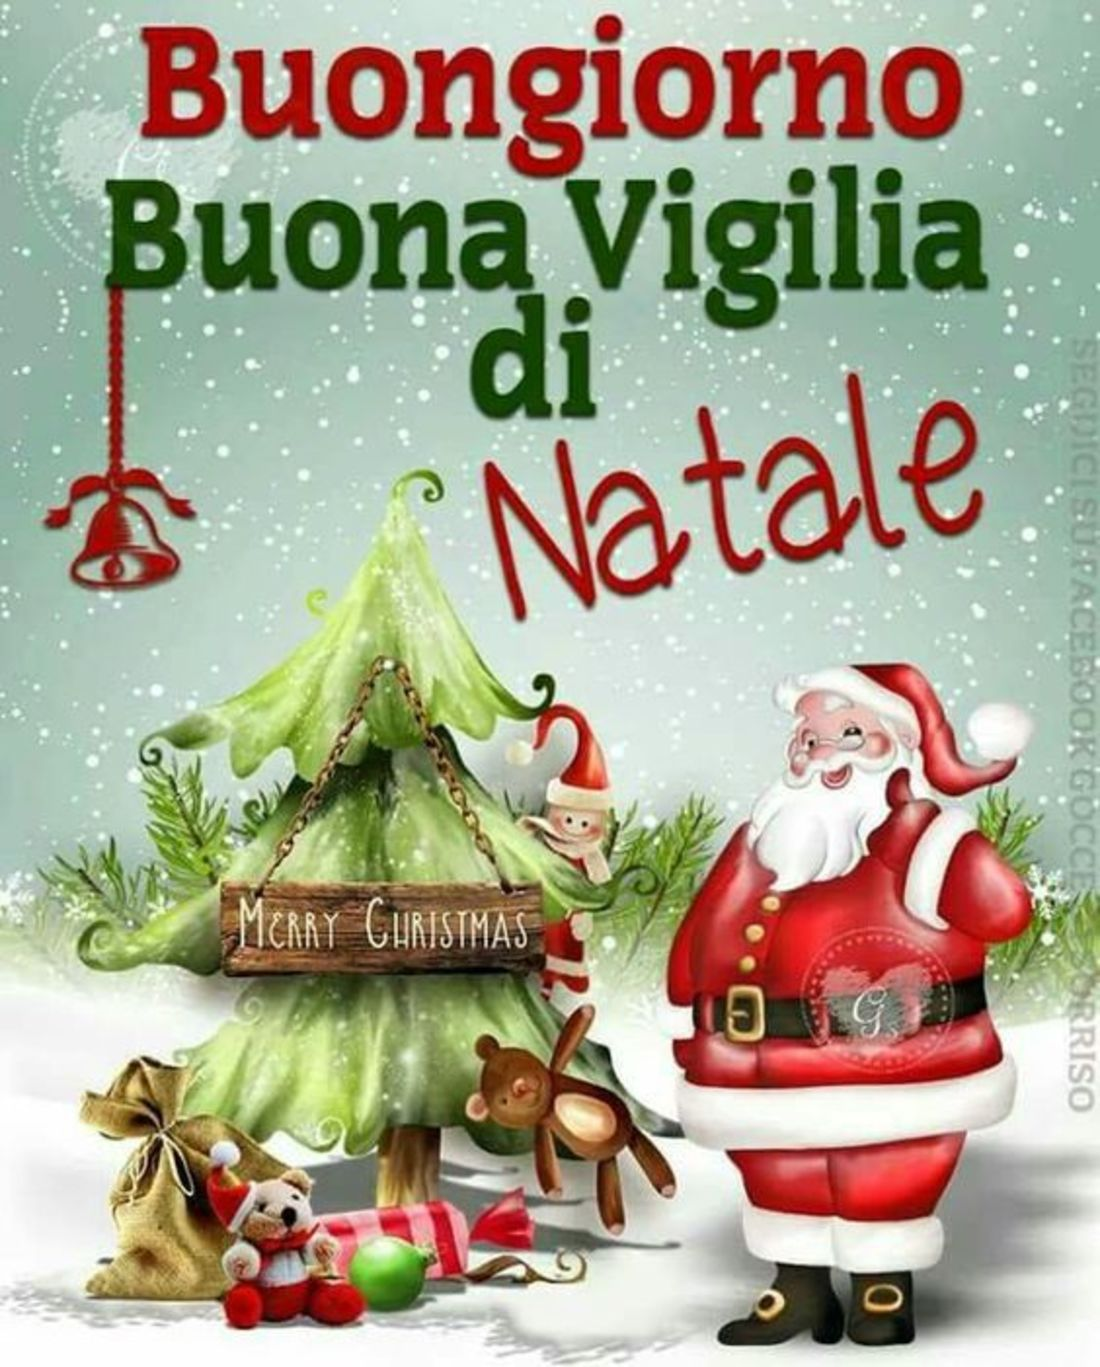 Frasi Buongiorno Vigilia Di Natale.Buona Vigilia Di Natale 24 Dicembre Whatsapp Bellissimeimmagini It